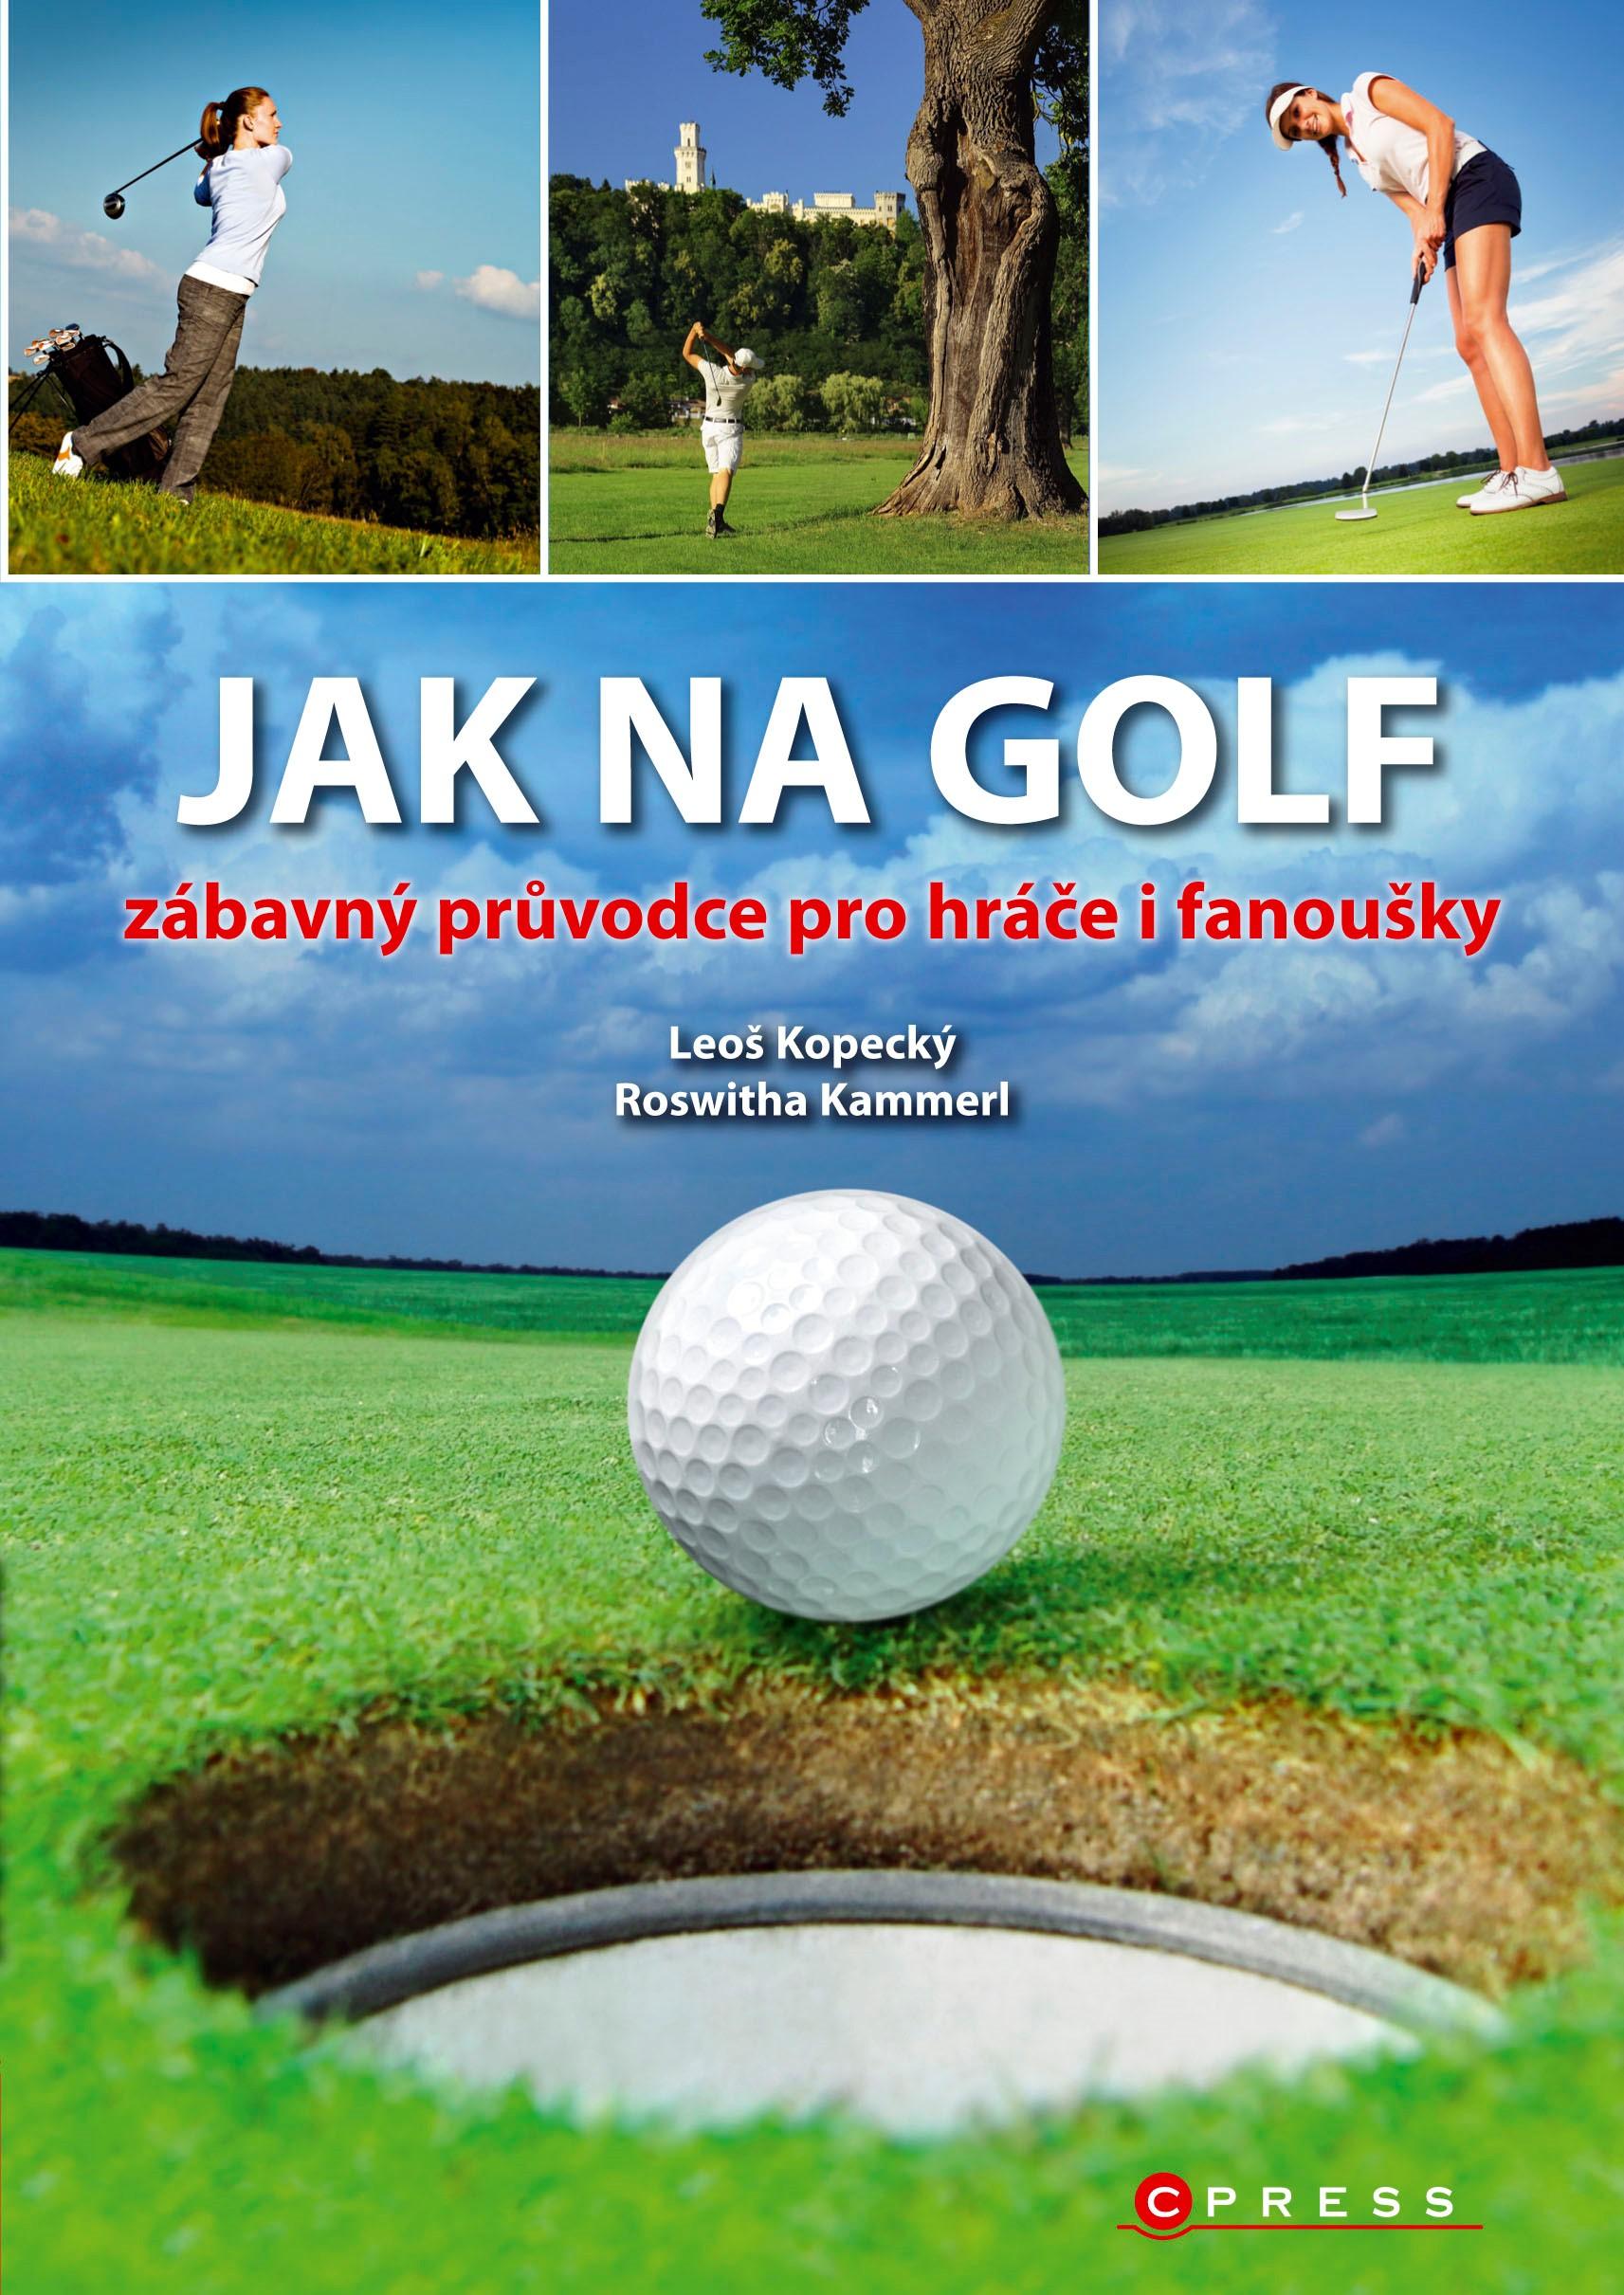 Jak na golf | Leoš Kopecký, Roswitha Kammerl